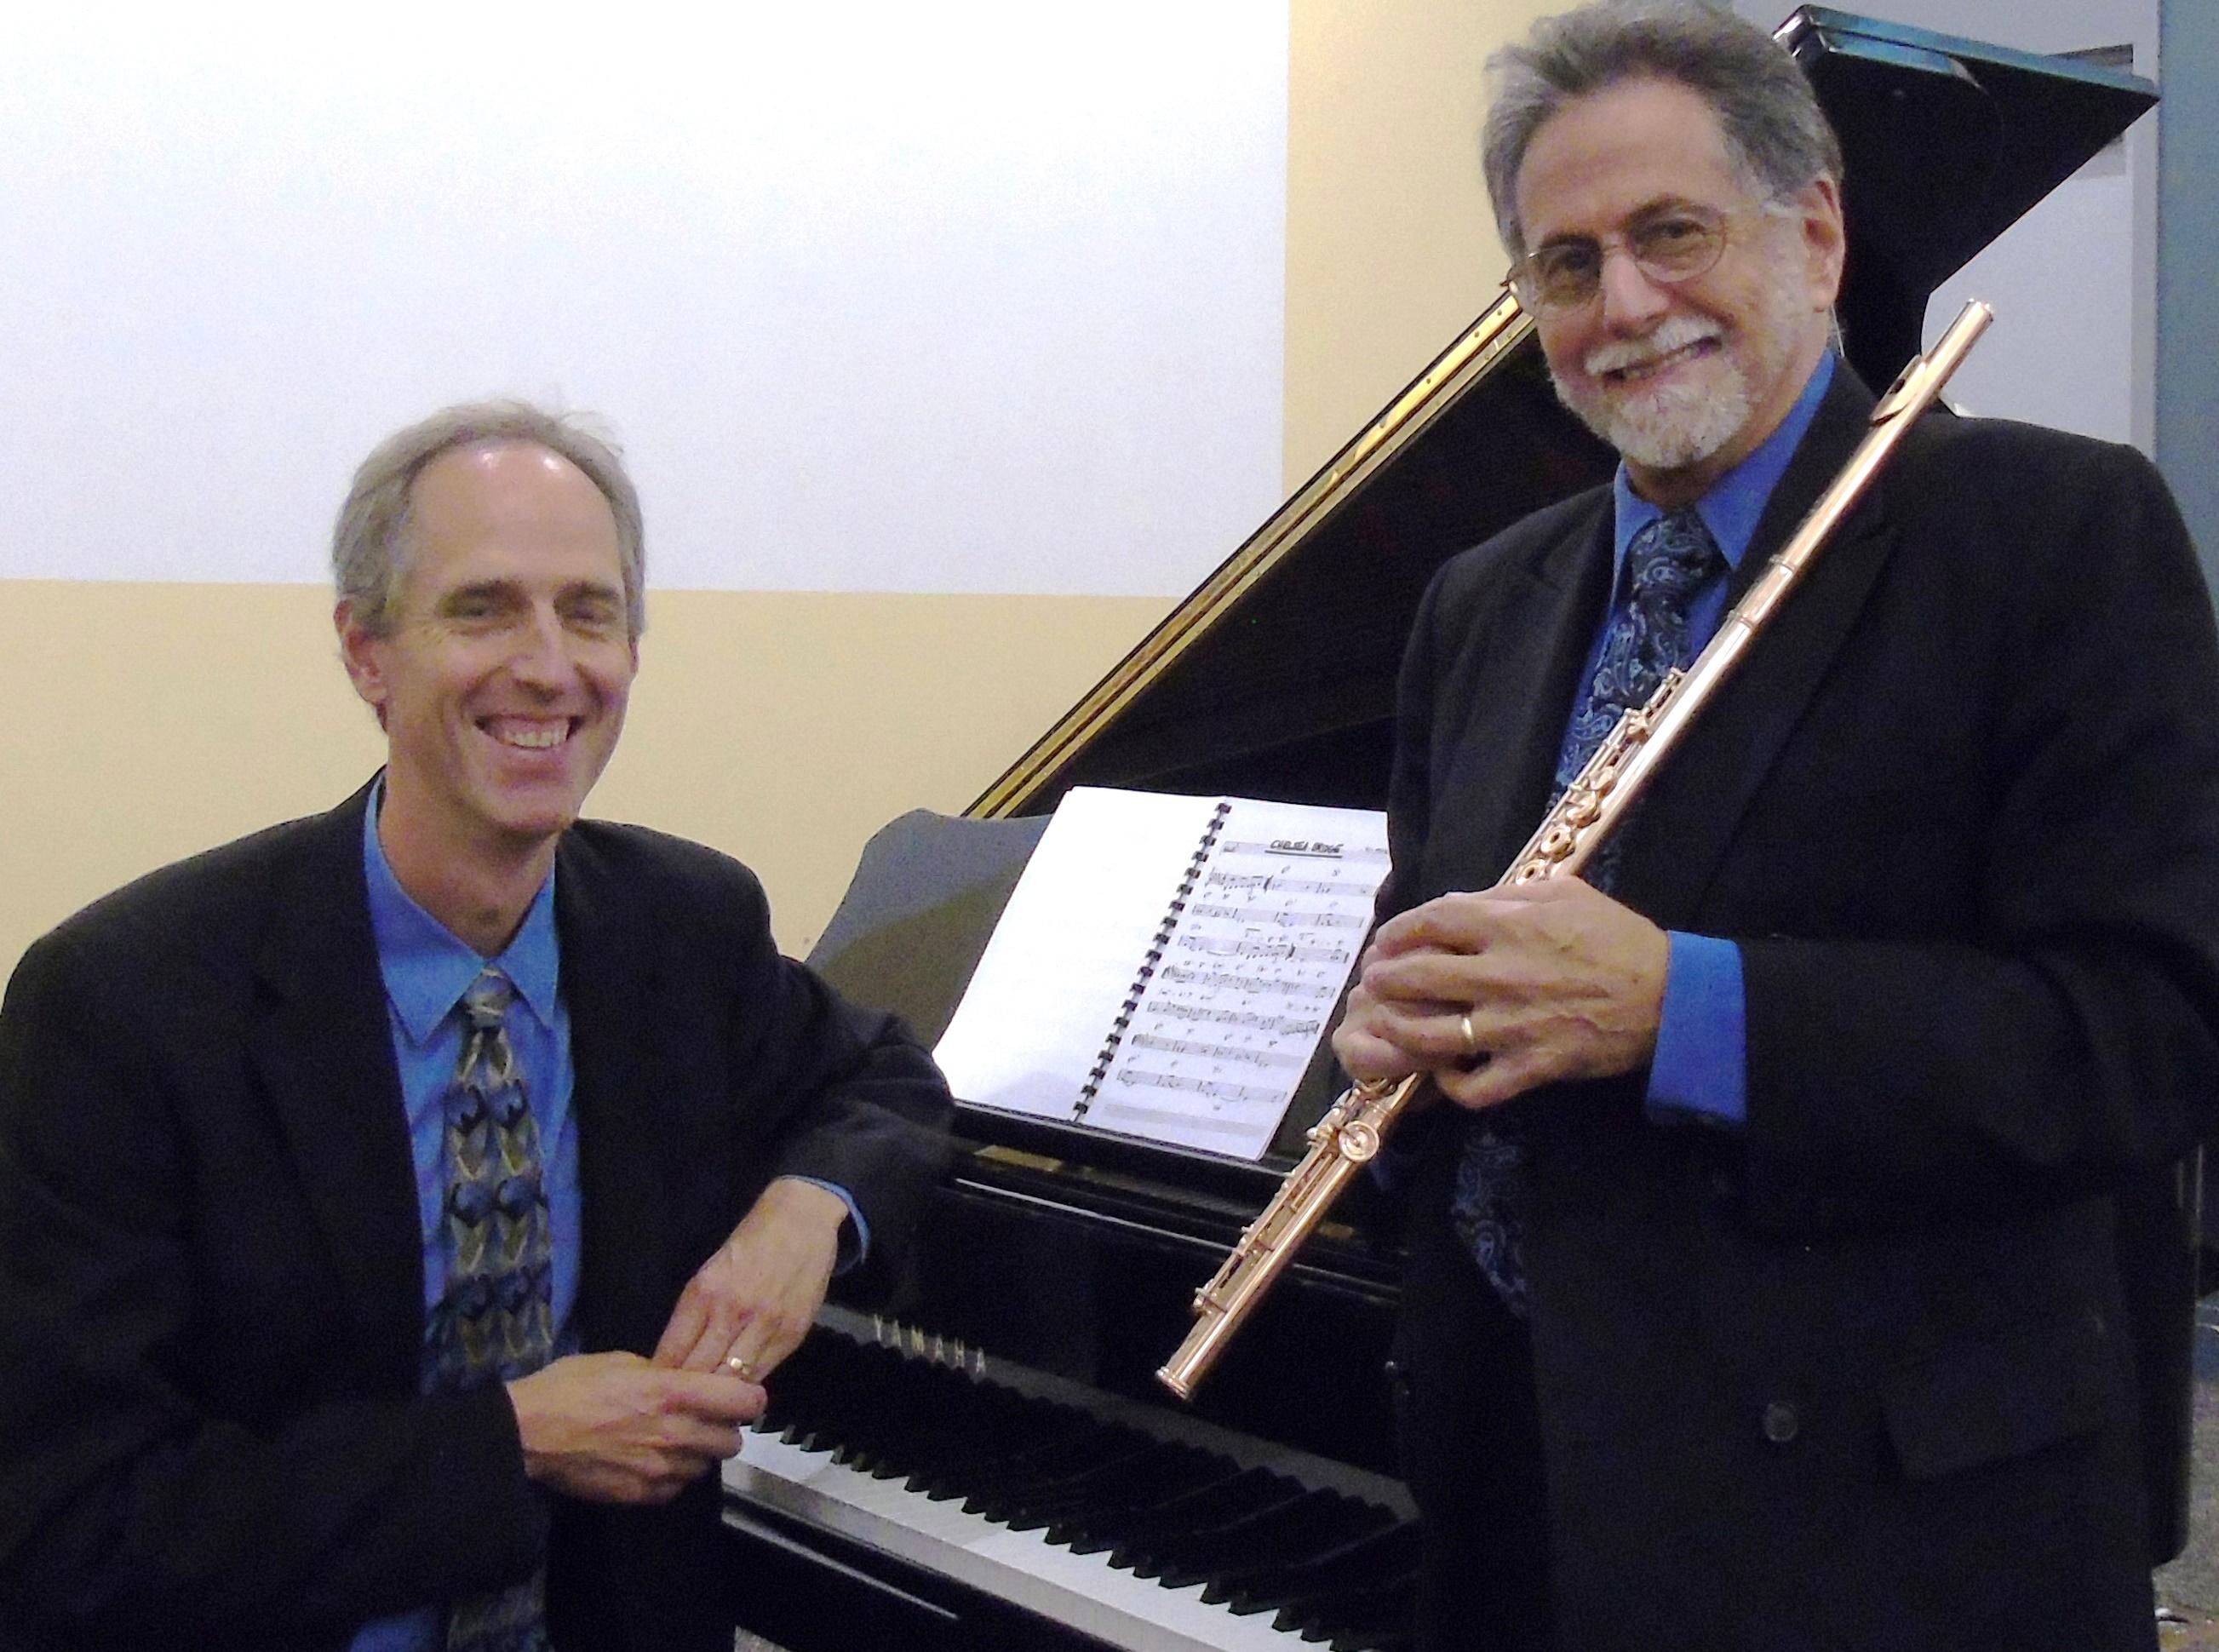 Peter H. Bloom-john Funkhouser Duo